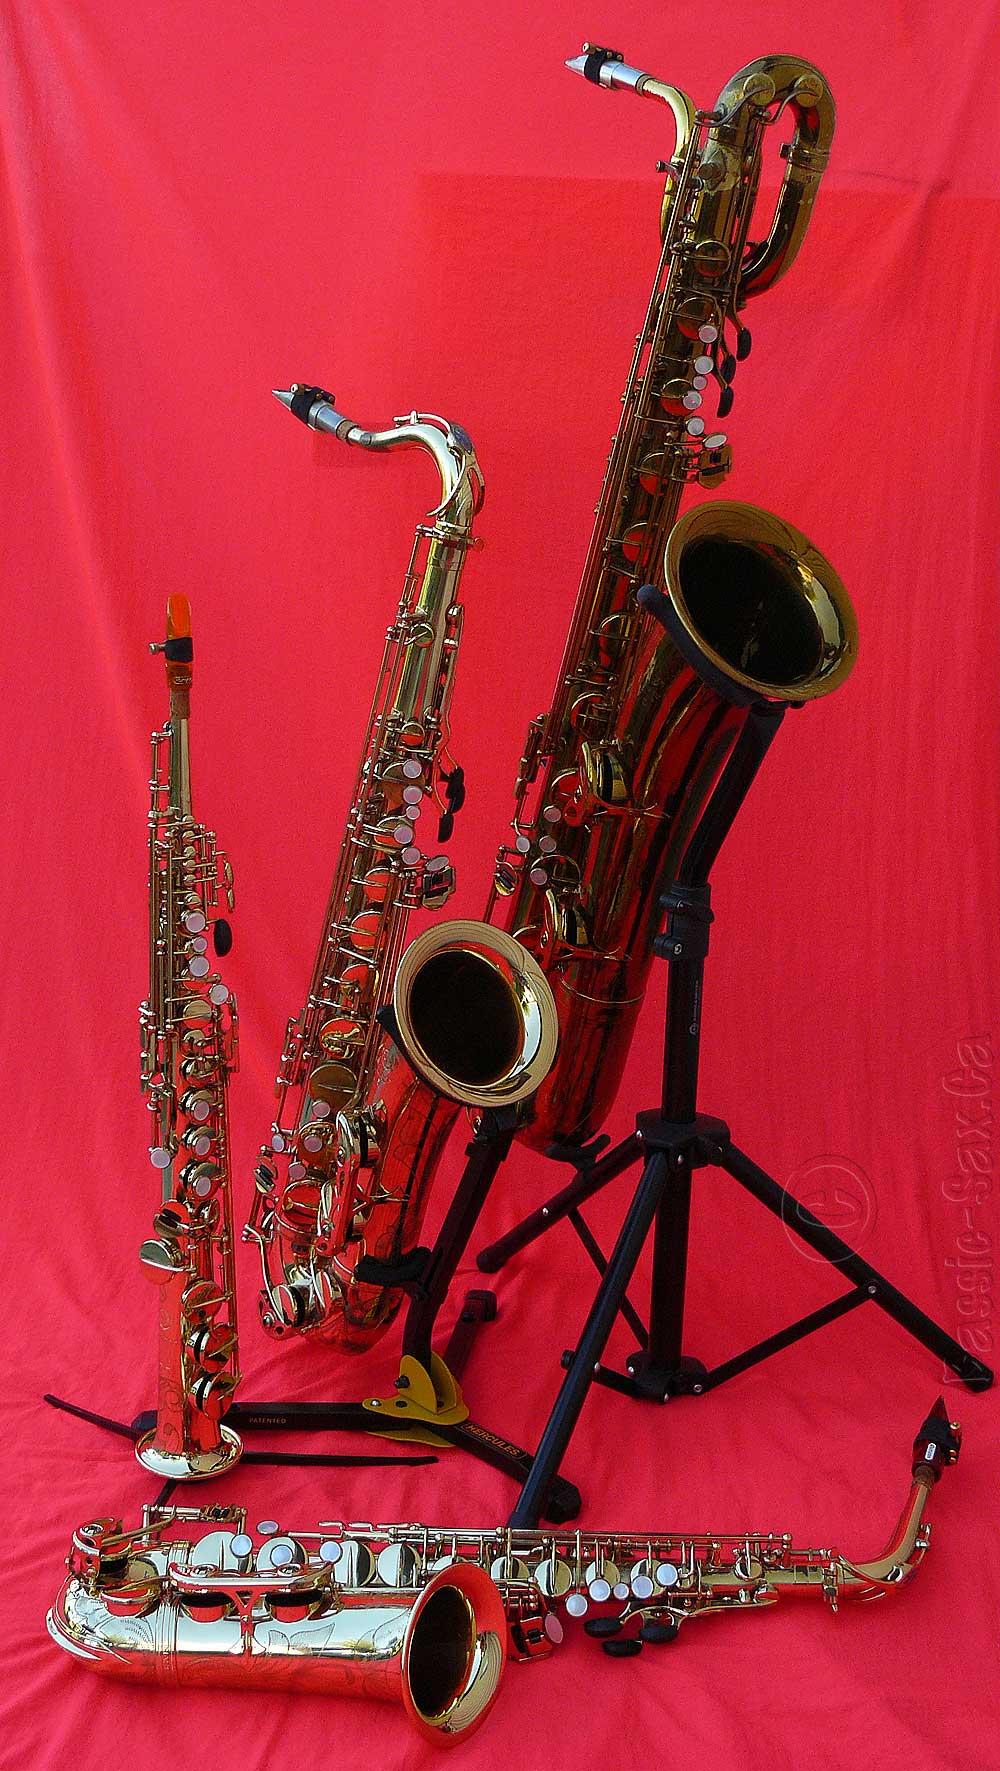 saxophones, soprano, alto, tenor, baritone, Mark VI, Selmer, French, gold lacquer, red cloth background